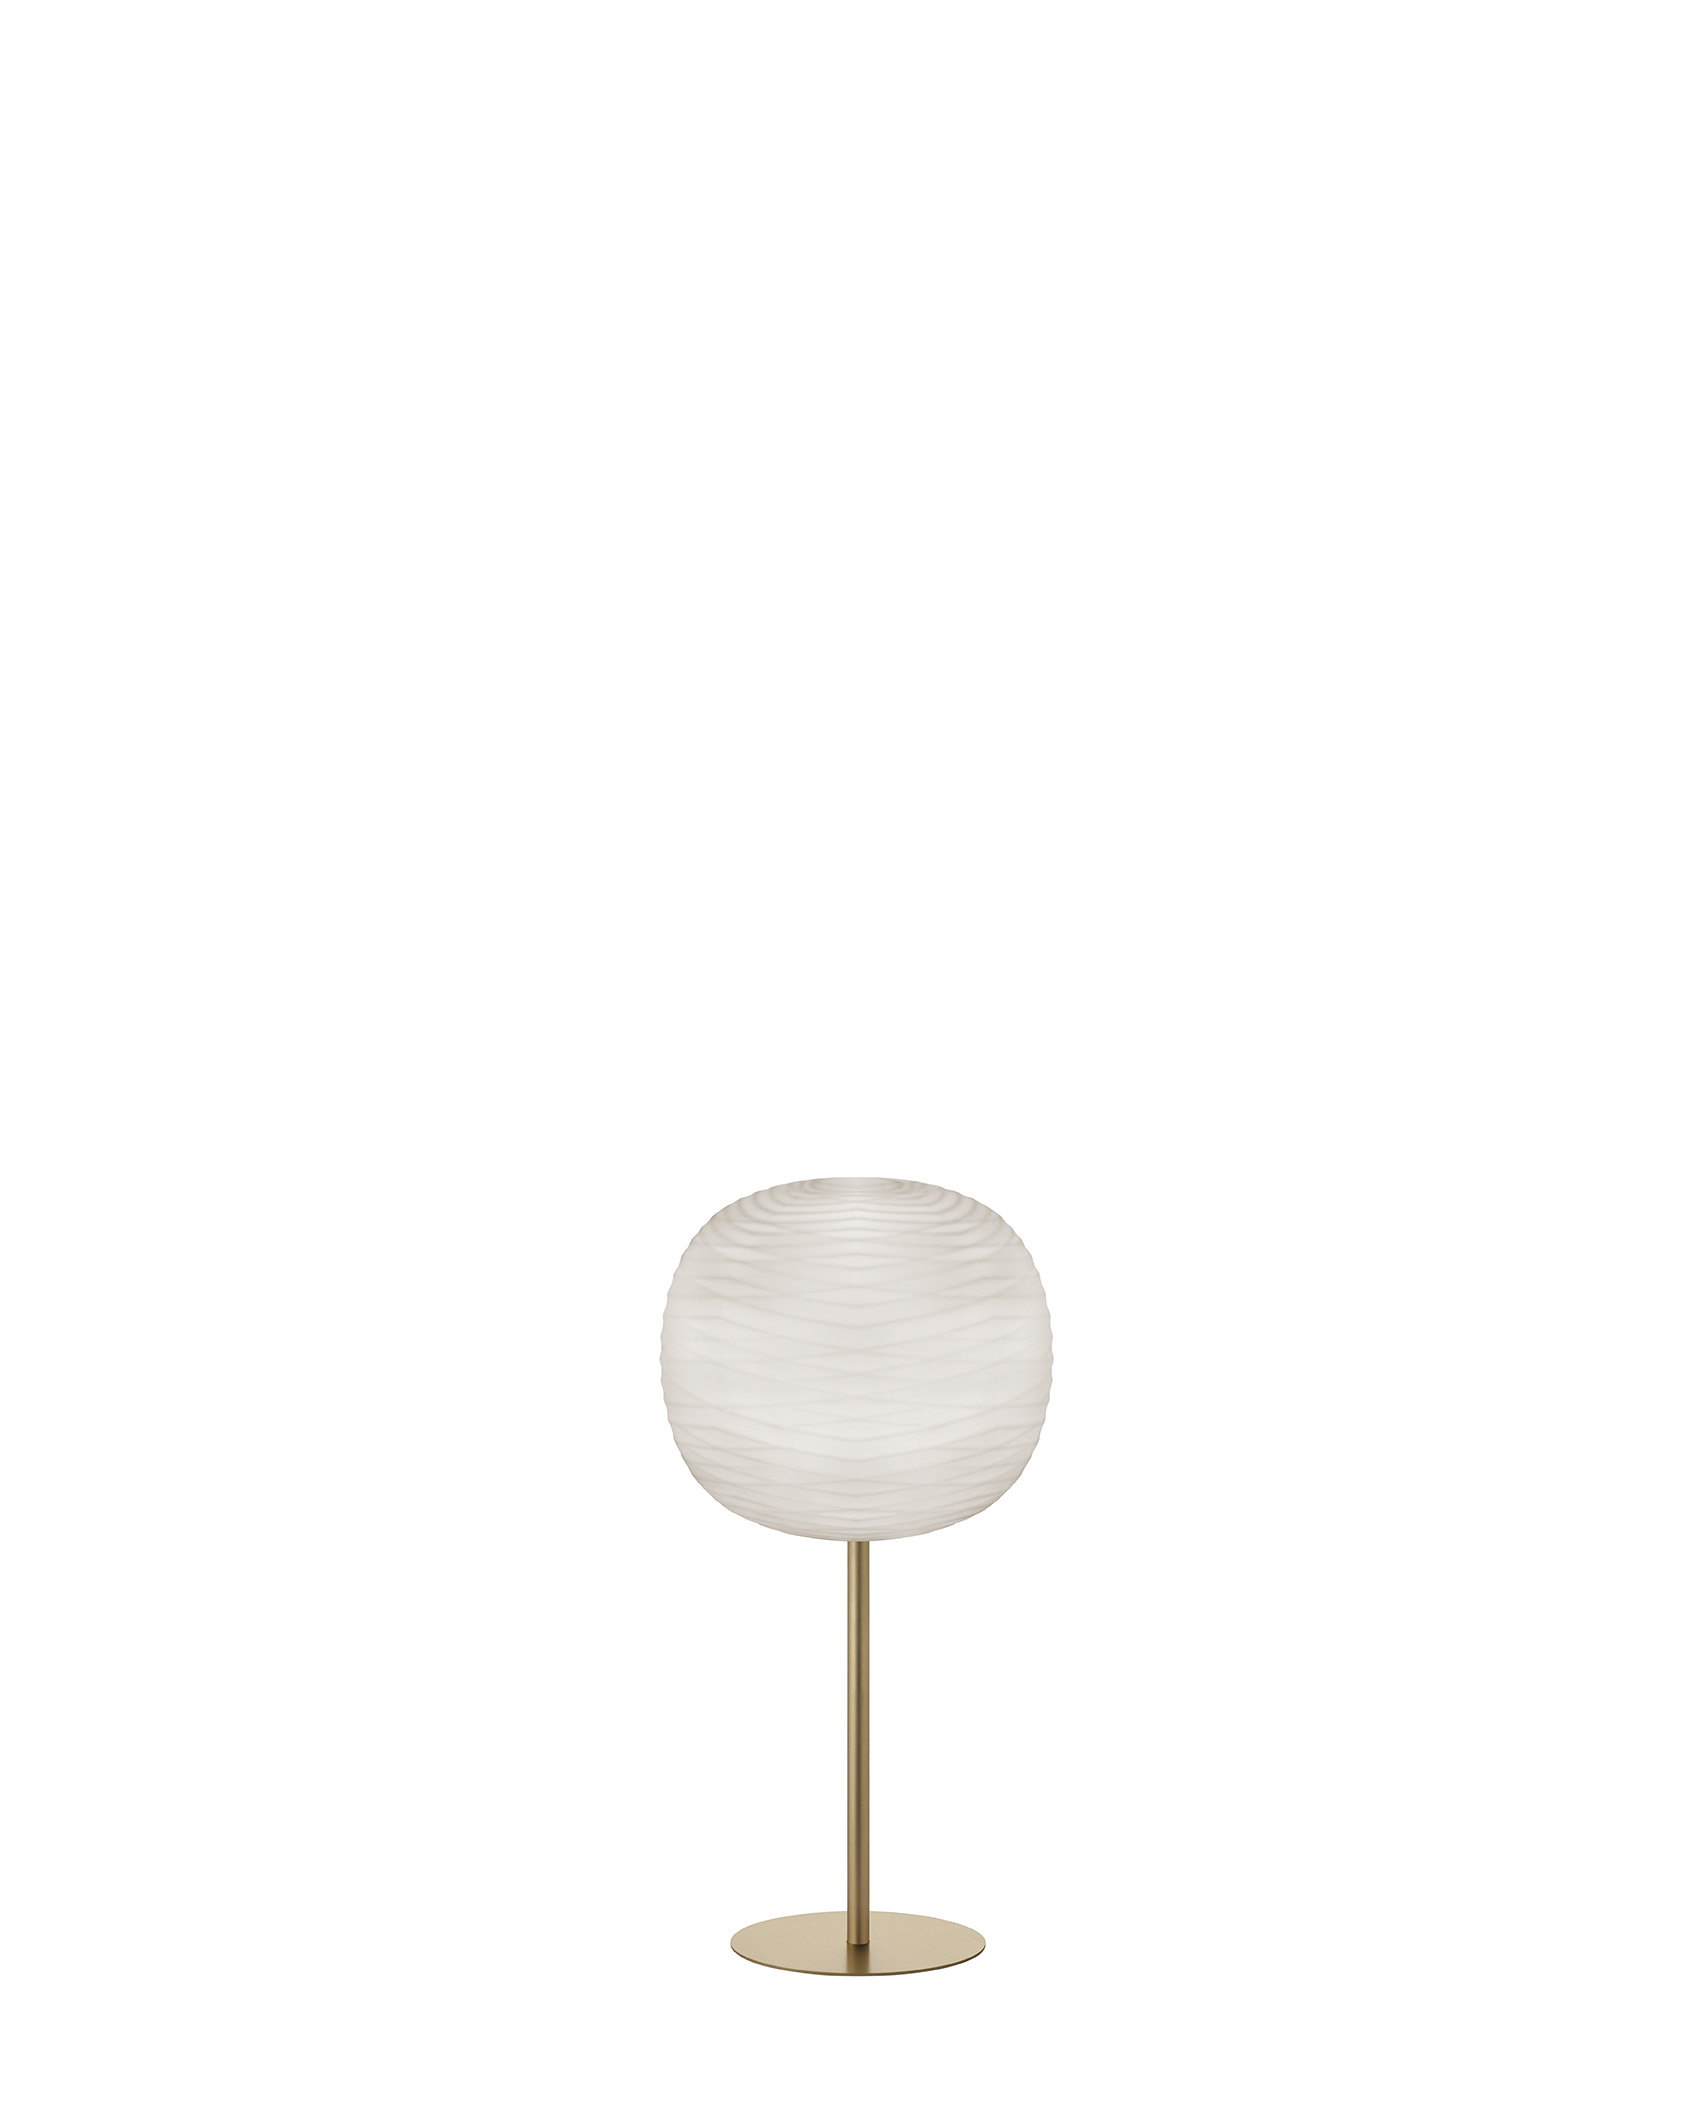 Lampada da tavolo Gem Mix&Match in vetro soffiato in rilievo e acidato e metallo verniciato color oro realizzata da Ludovica+Roberto Palomba per Foscarini